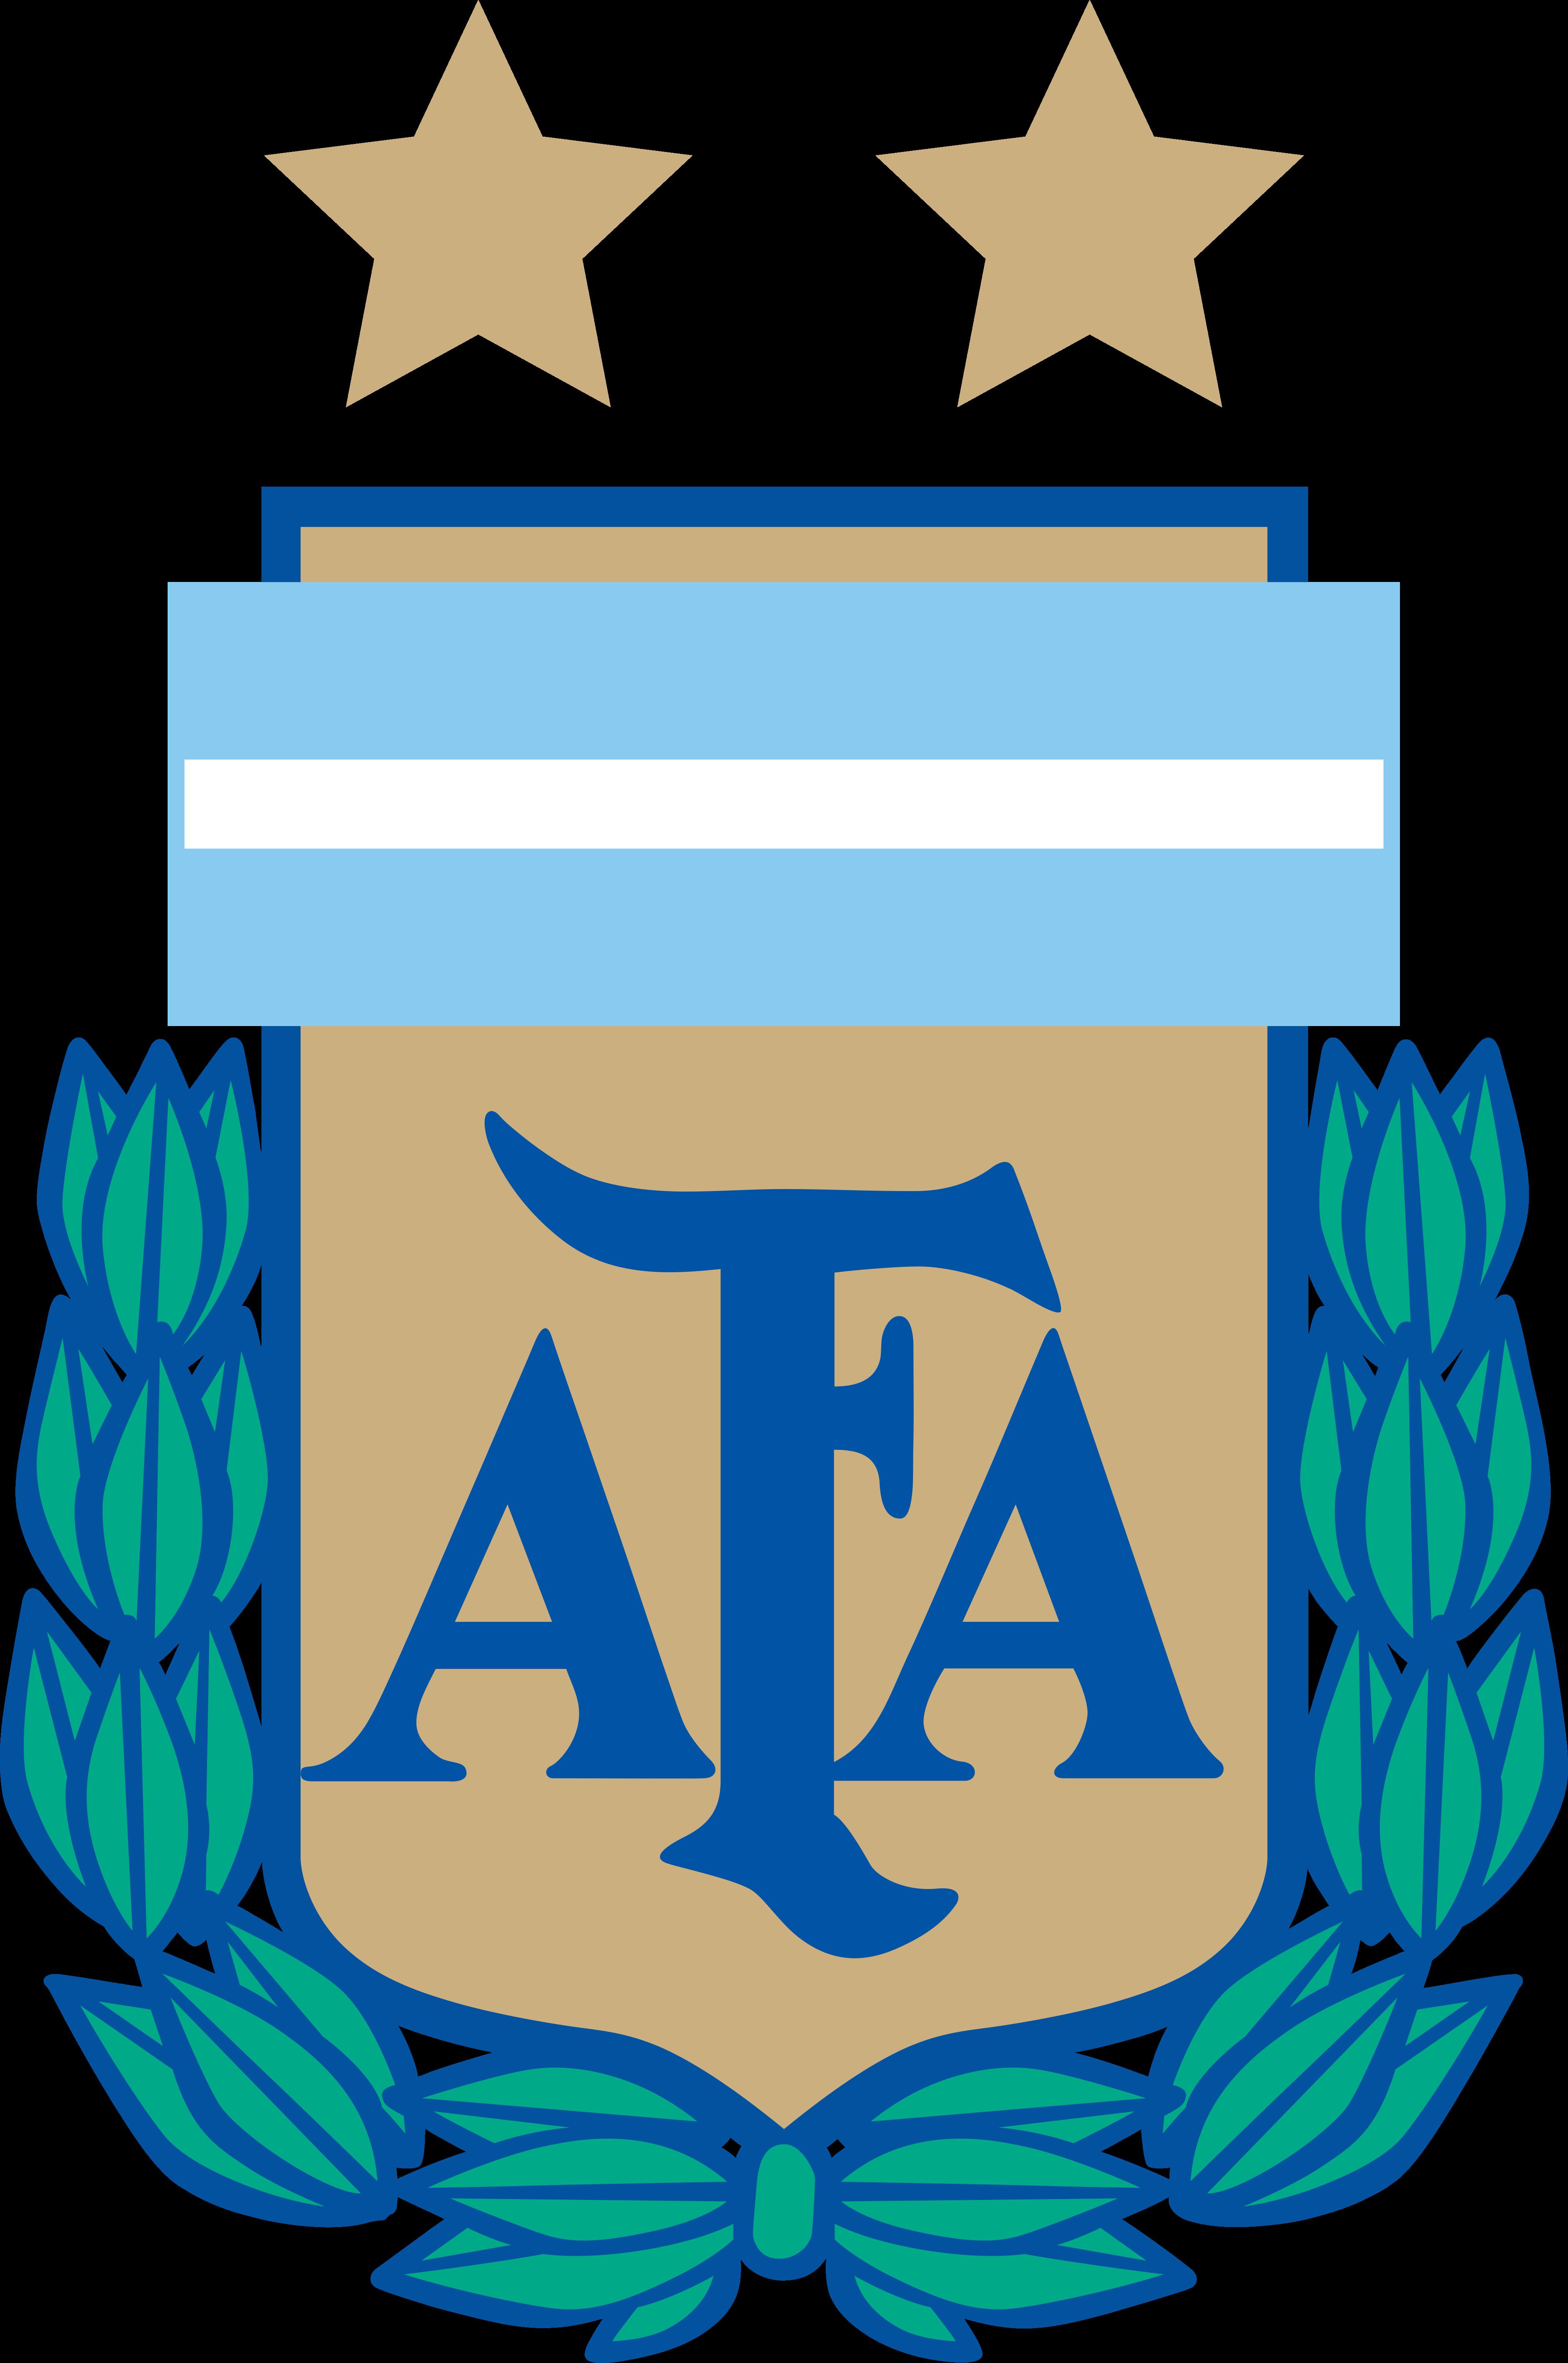 afa seleccion argentina futbol logo - AFA - Selección Argentina Logo